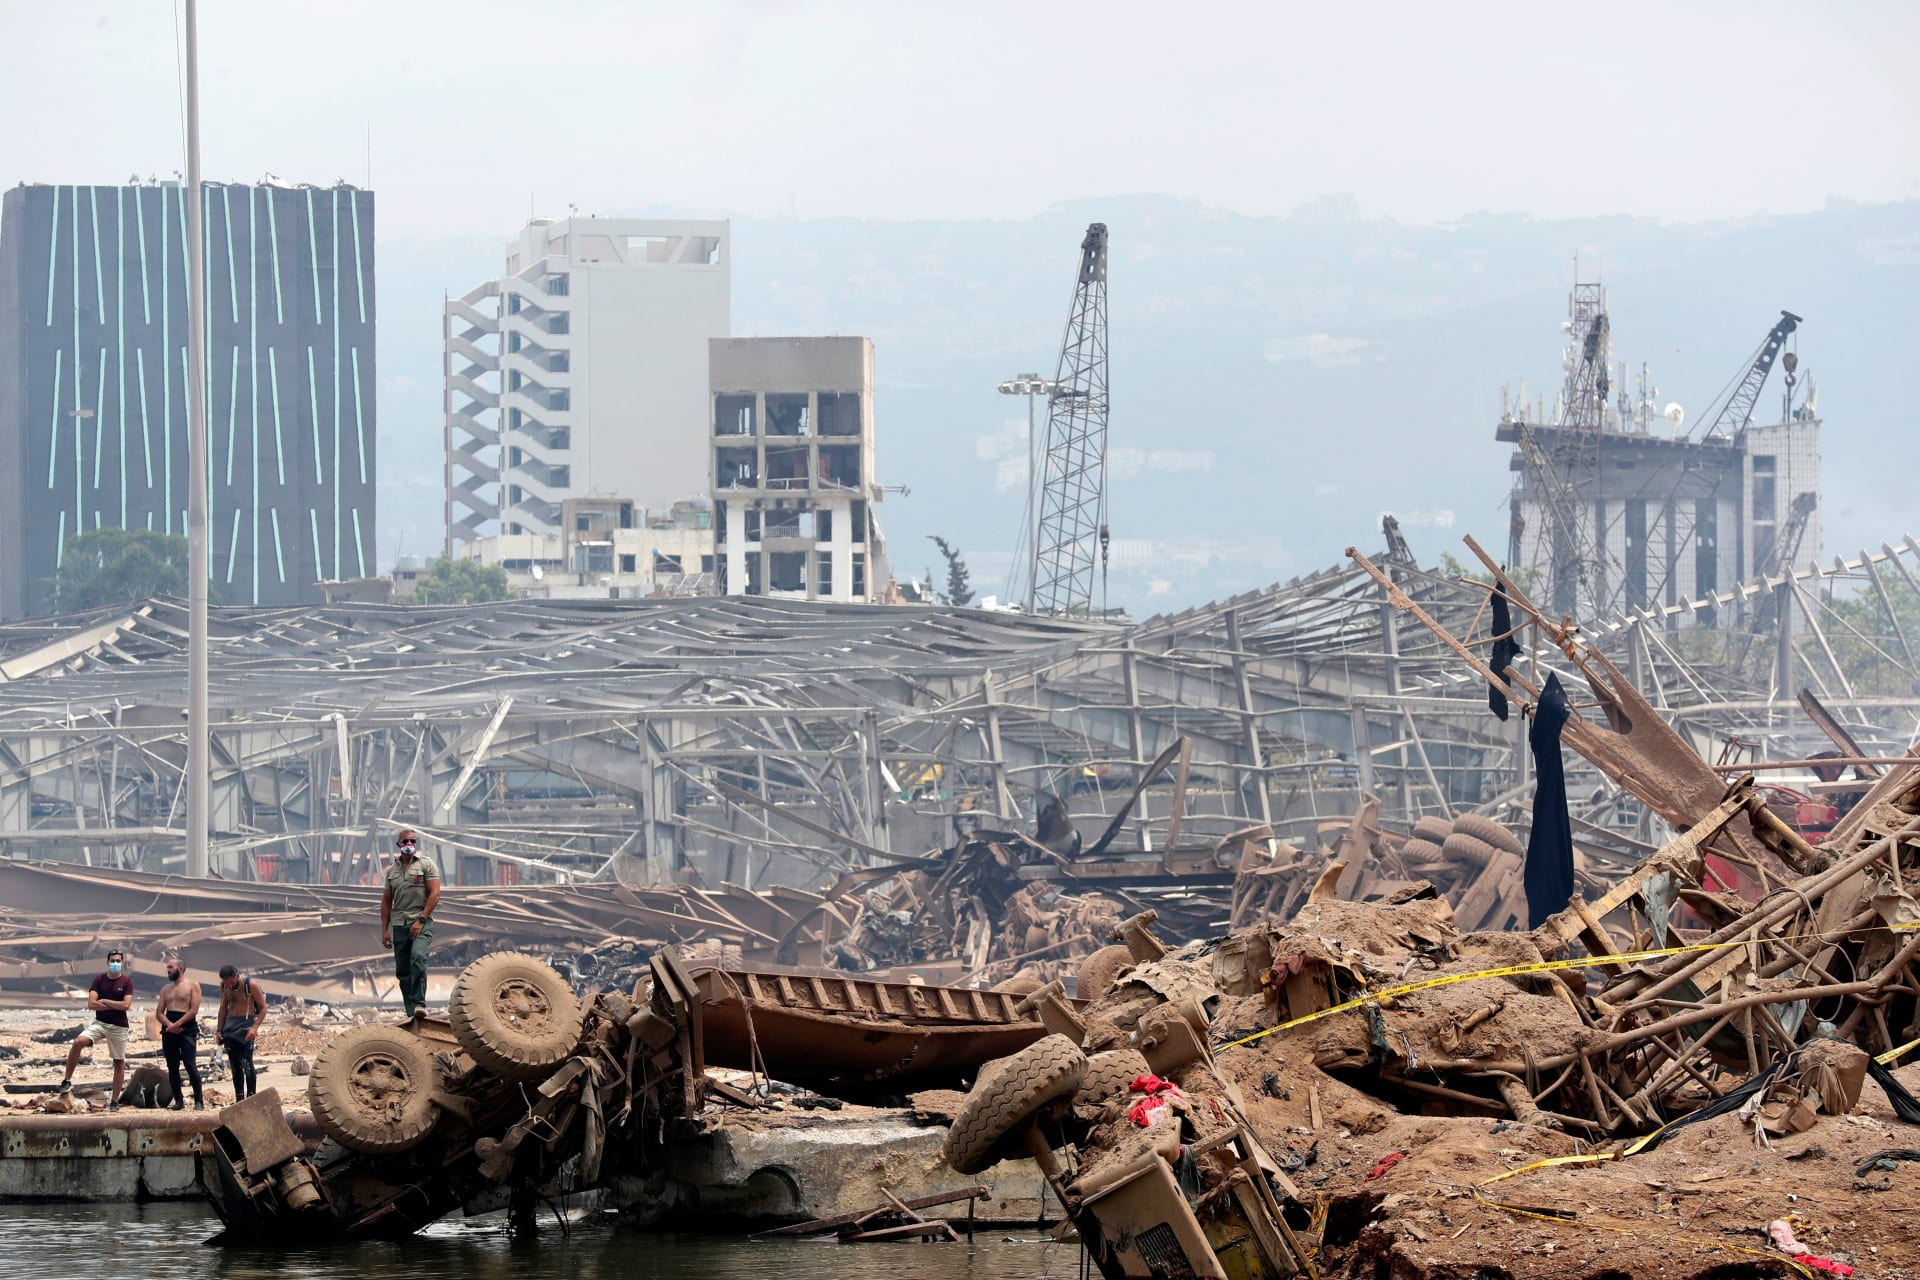 آثار الانفجار الضخم الذي شهده مرفأ بيروت وأودى بحياة العشرات وإصابة الآلاف